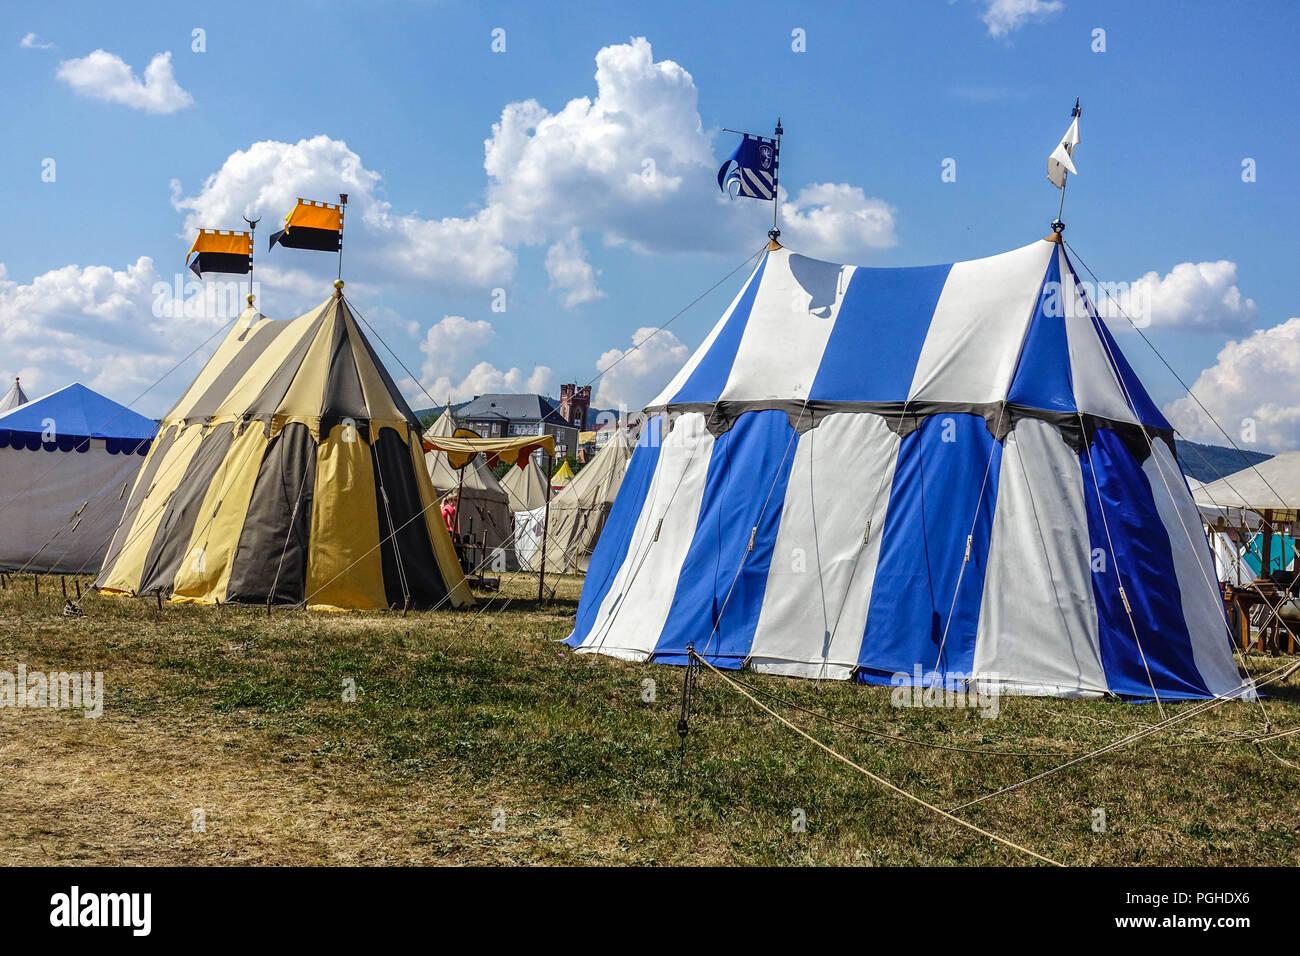 O Jogo dos Tronos - ON - Página 11 Furt-im-wald-cave-gladium-mittelalterliche-festival-mittelalterlichen-feldlager-bayern-deutschland-pghdx6